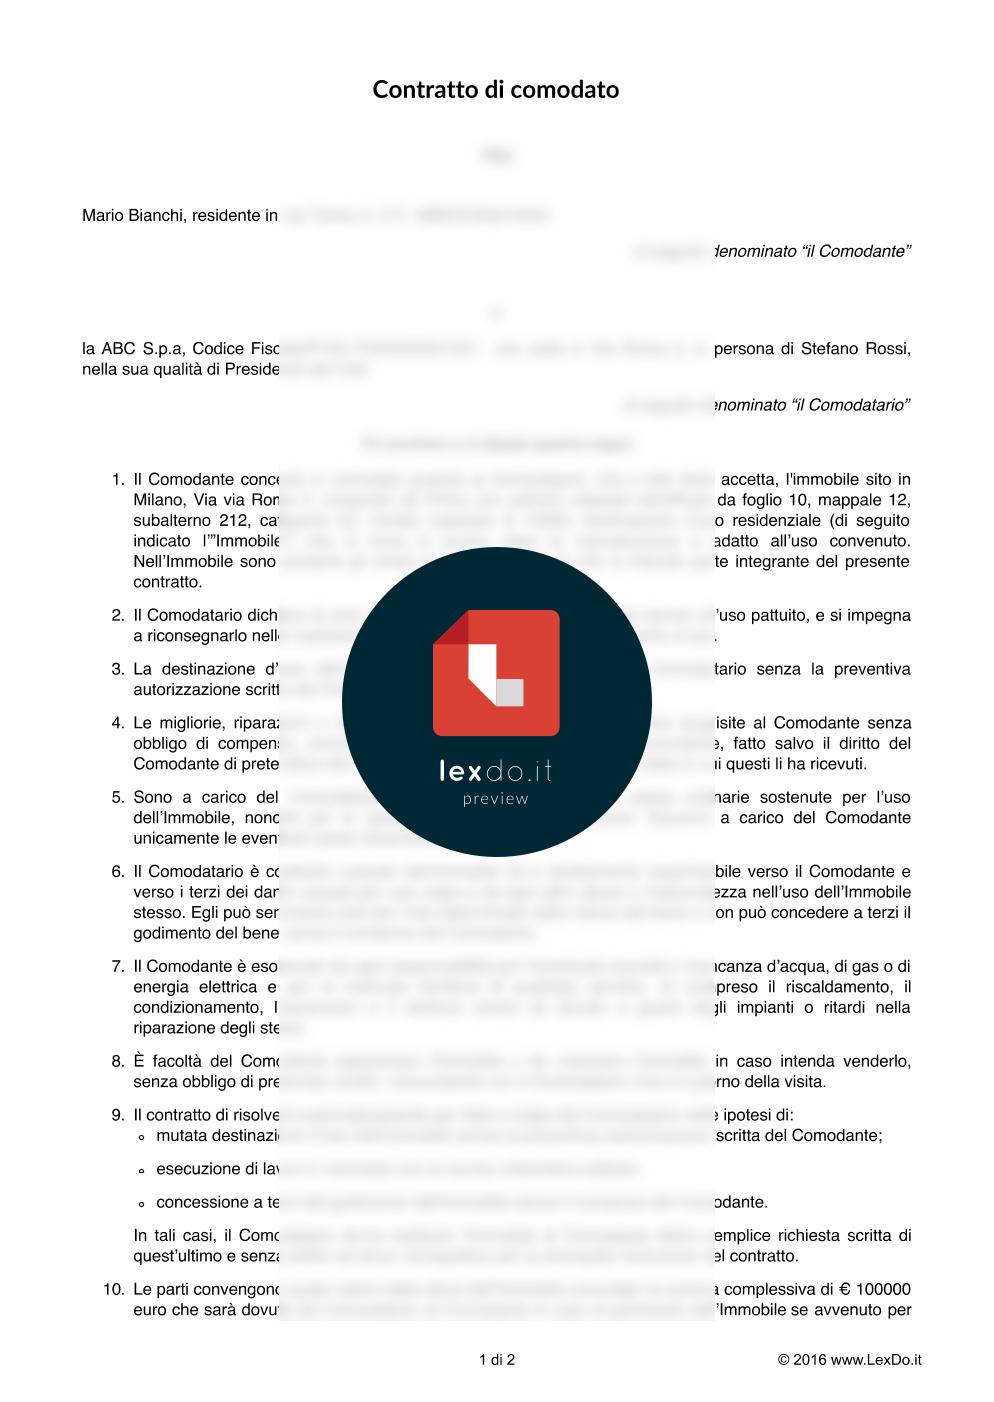 anteprima del nostro Contratto di Comodato d'Uso Gratuito